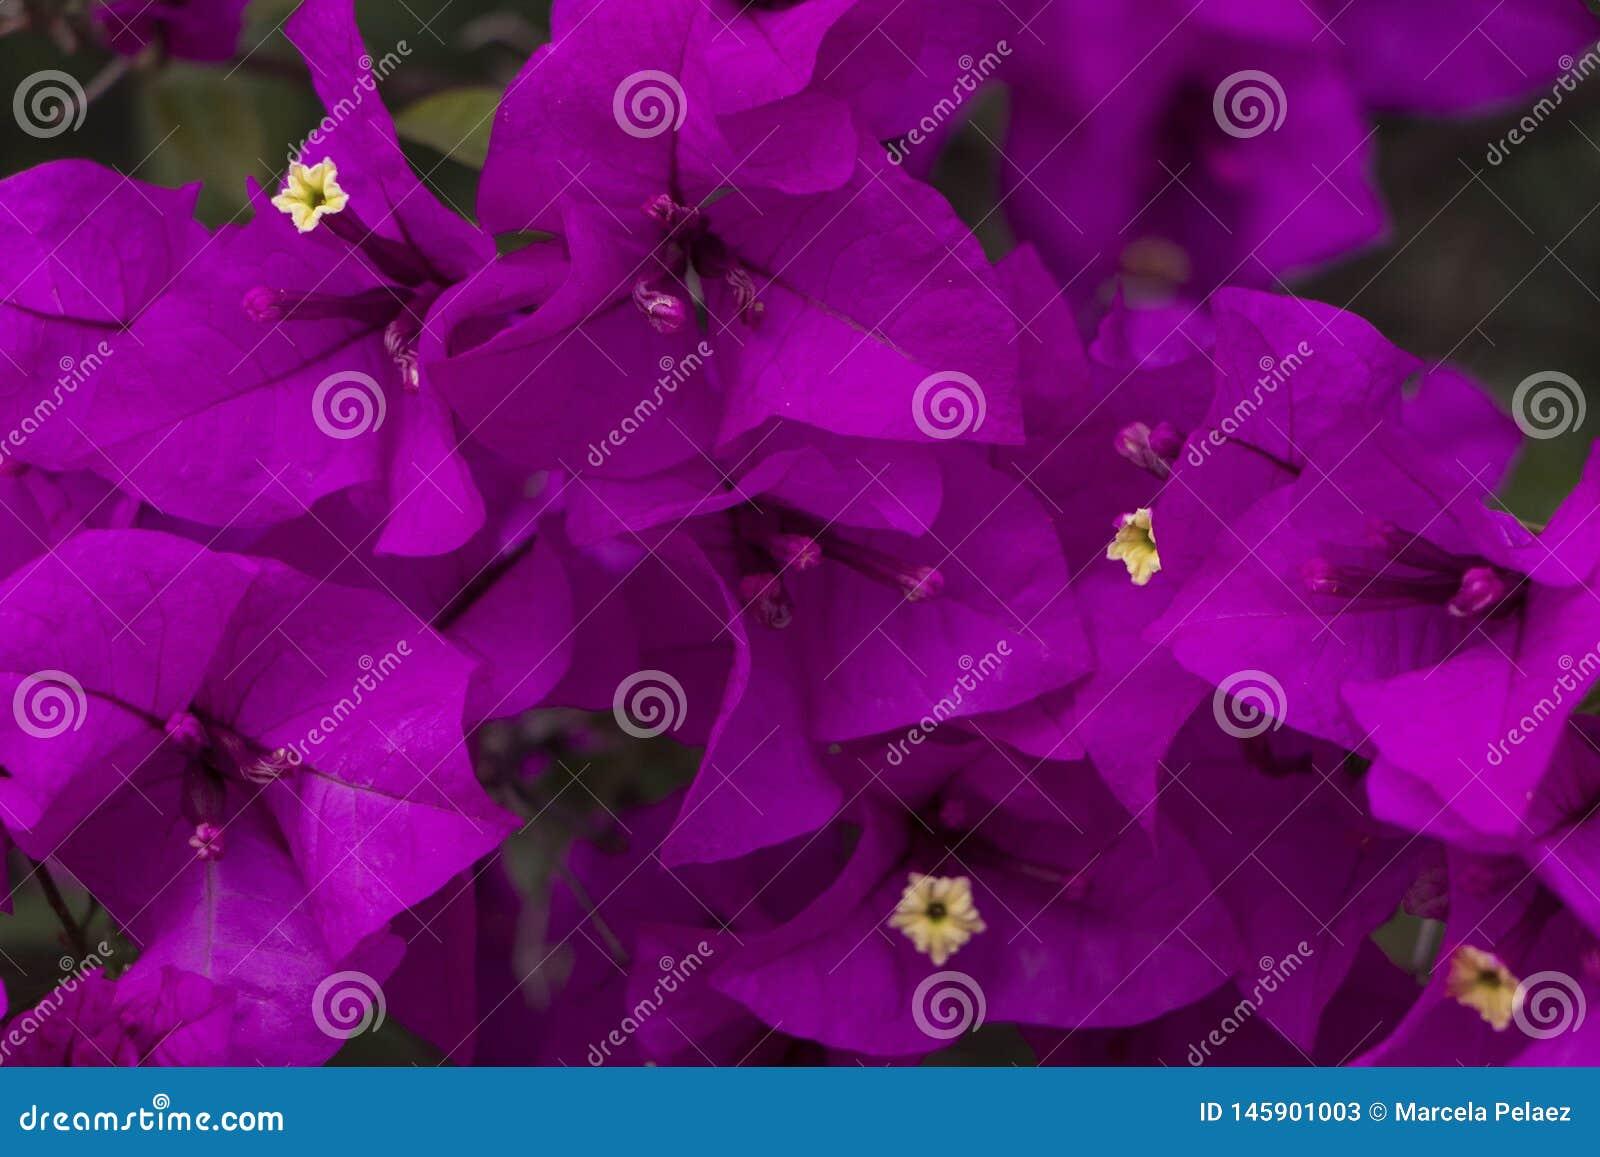 Sluit omhoog van de bloemen van Curazao of van bougainvillea met purpere bloemen met verse groene bladeren in de zomerlicht met r